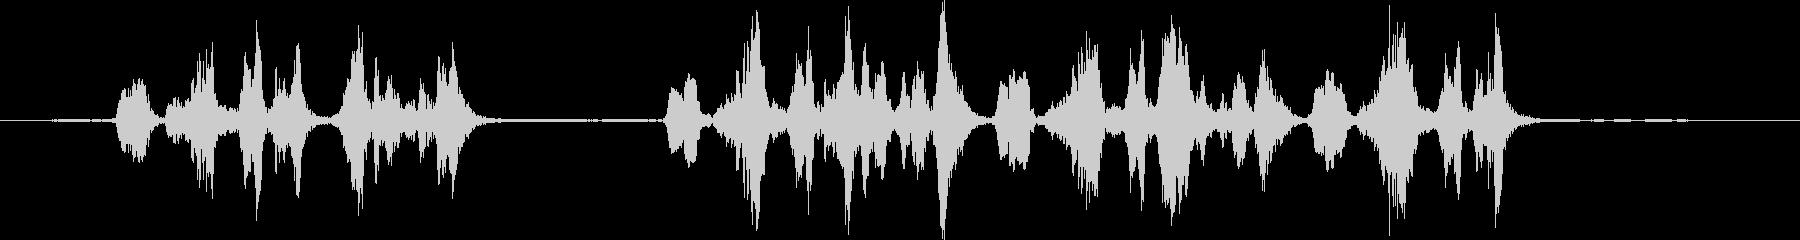 斑点を付けられたミソサザイ:呼び出し、鳥の未再生の波形